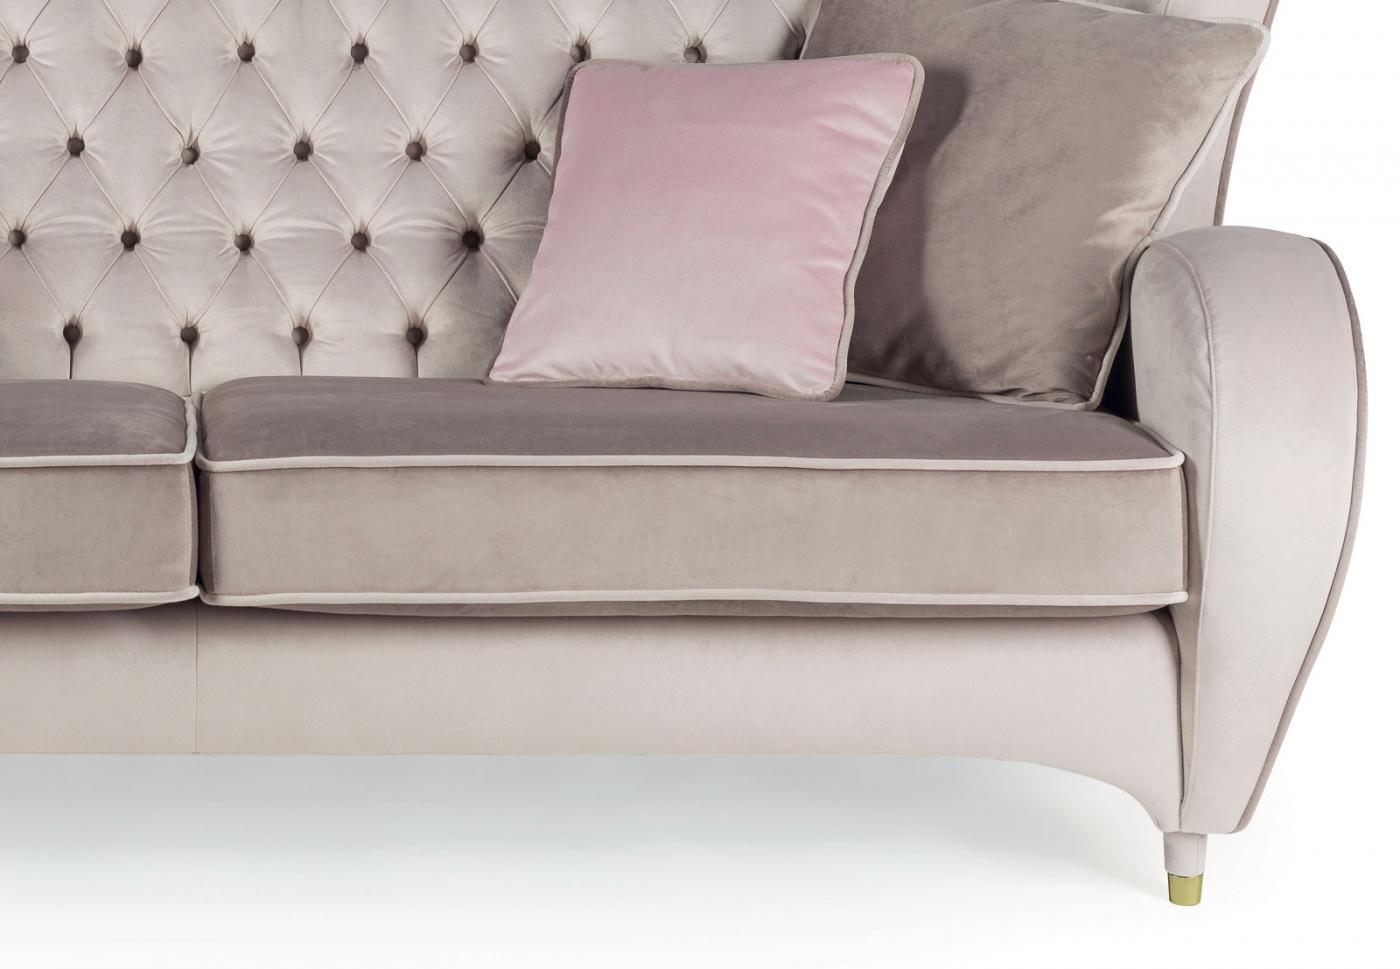 Top per divani e poltrone pro e contro di tessuto velluto pelle ed ecopelle with stoffe per divani - Foderare cuscino divano ...